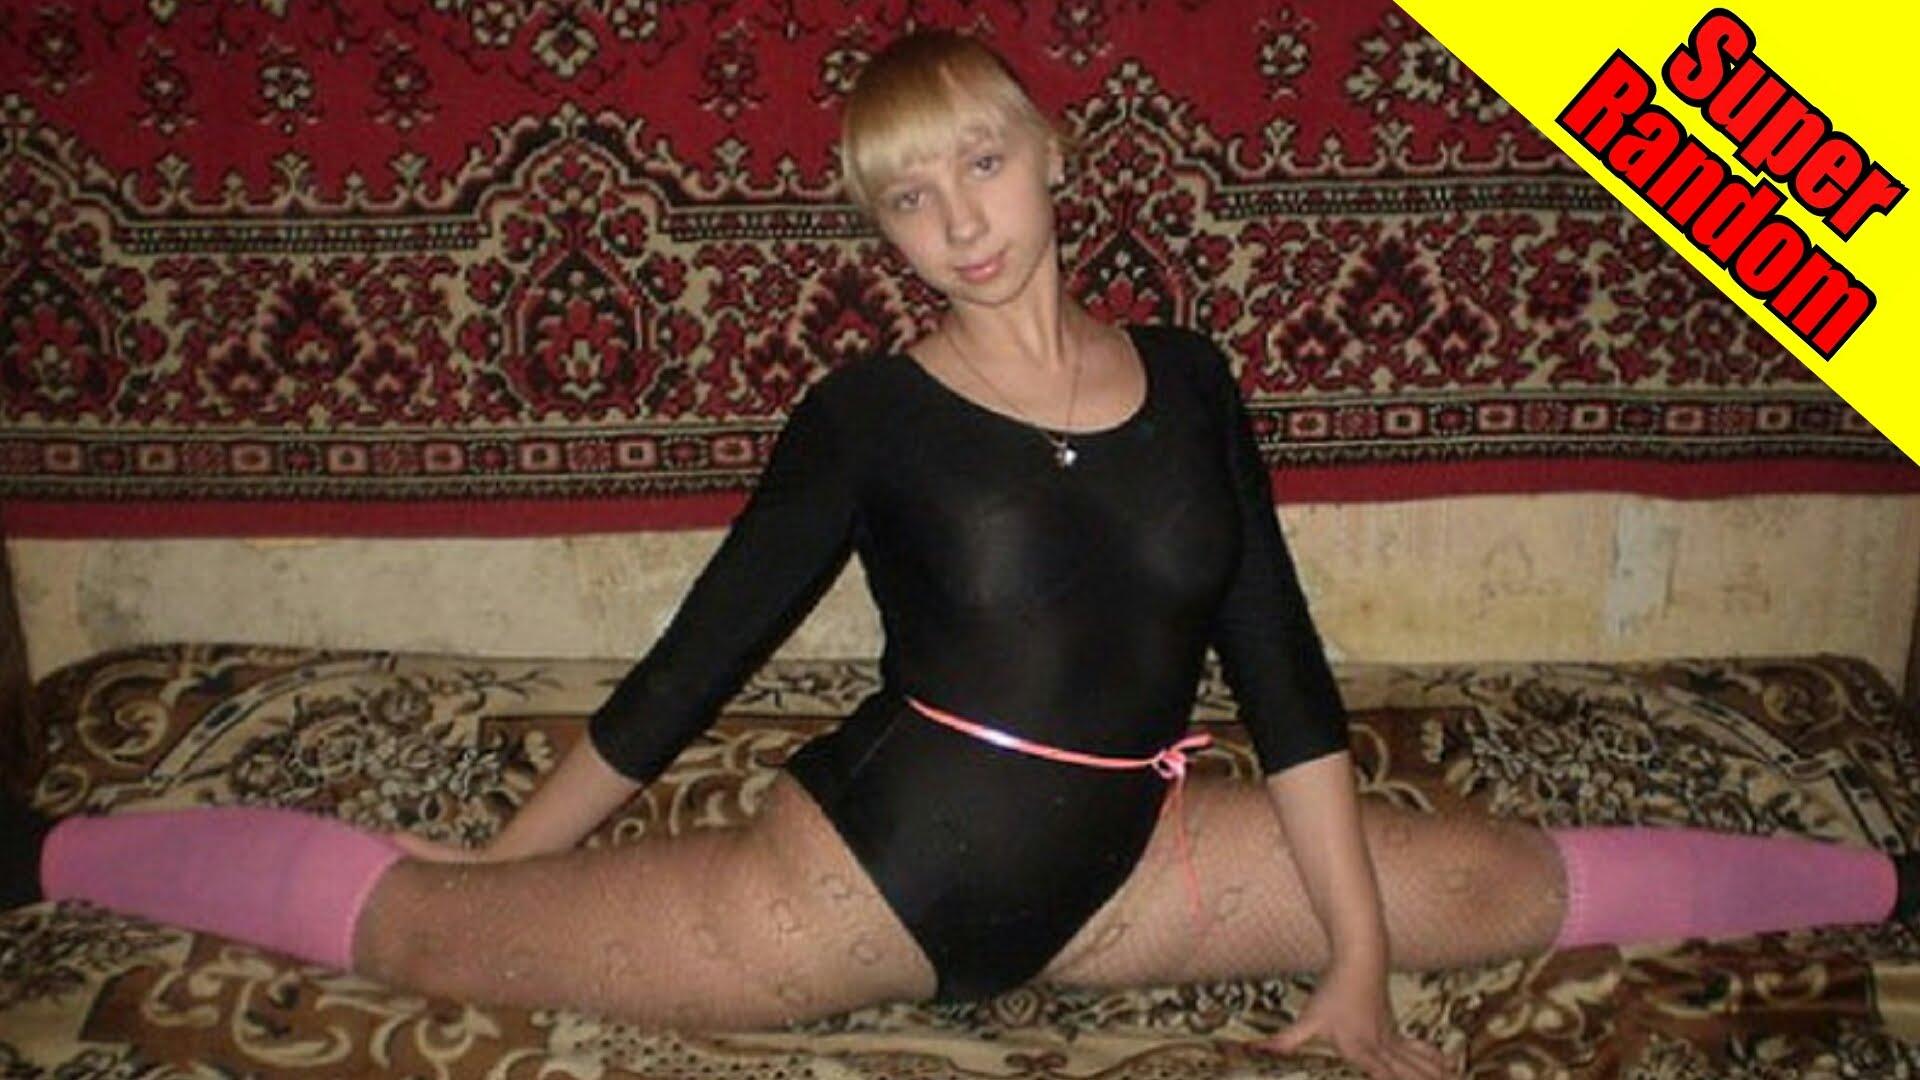 Эротика голых девушек и частное порно фото, снятые в ...